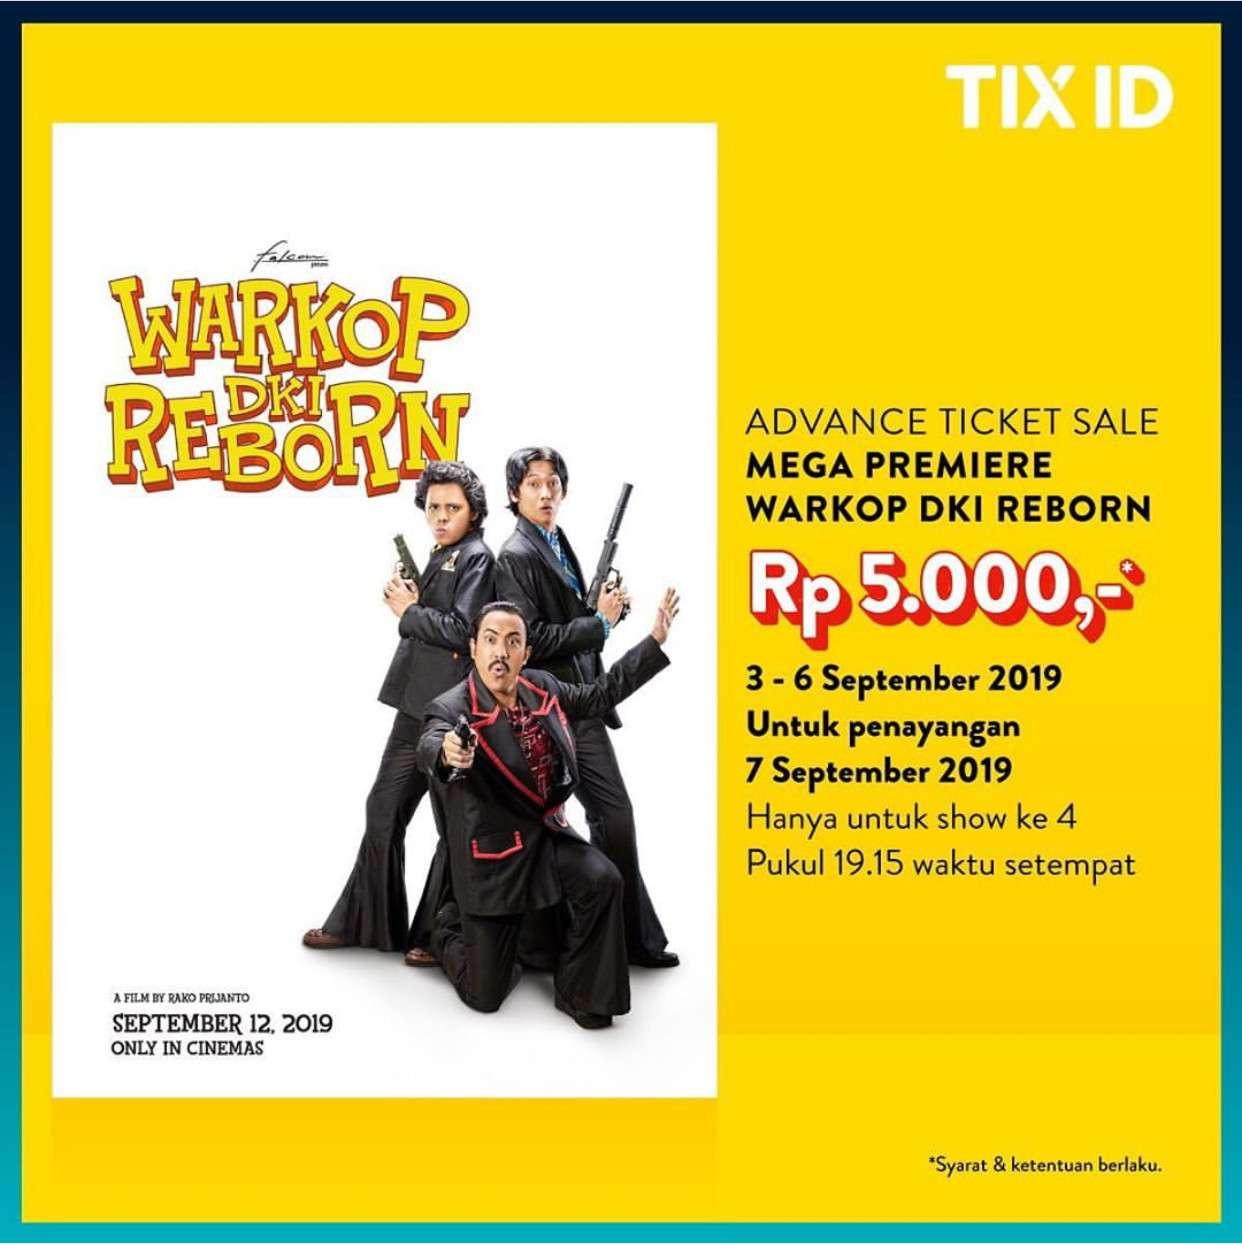 Diskon TIX ID Special Promo WARKOP DKI Reborn – Hanya Rp5.000 per tiket